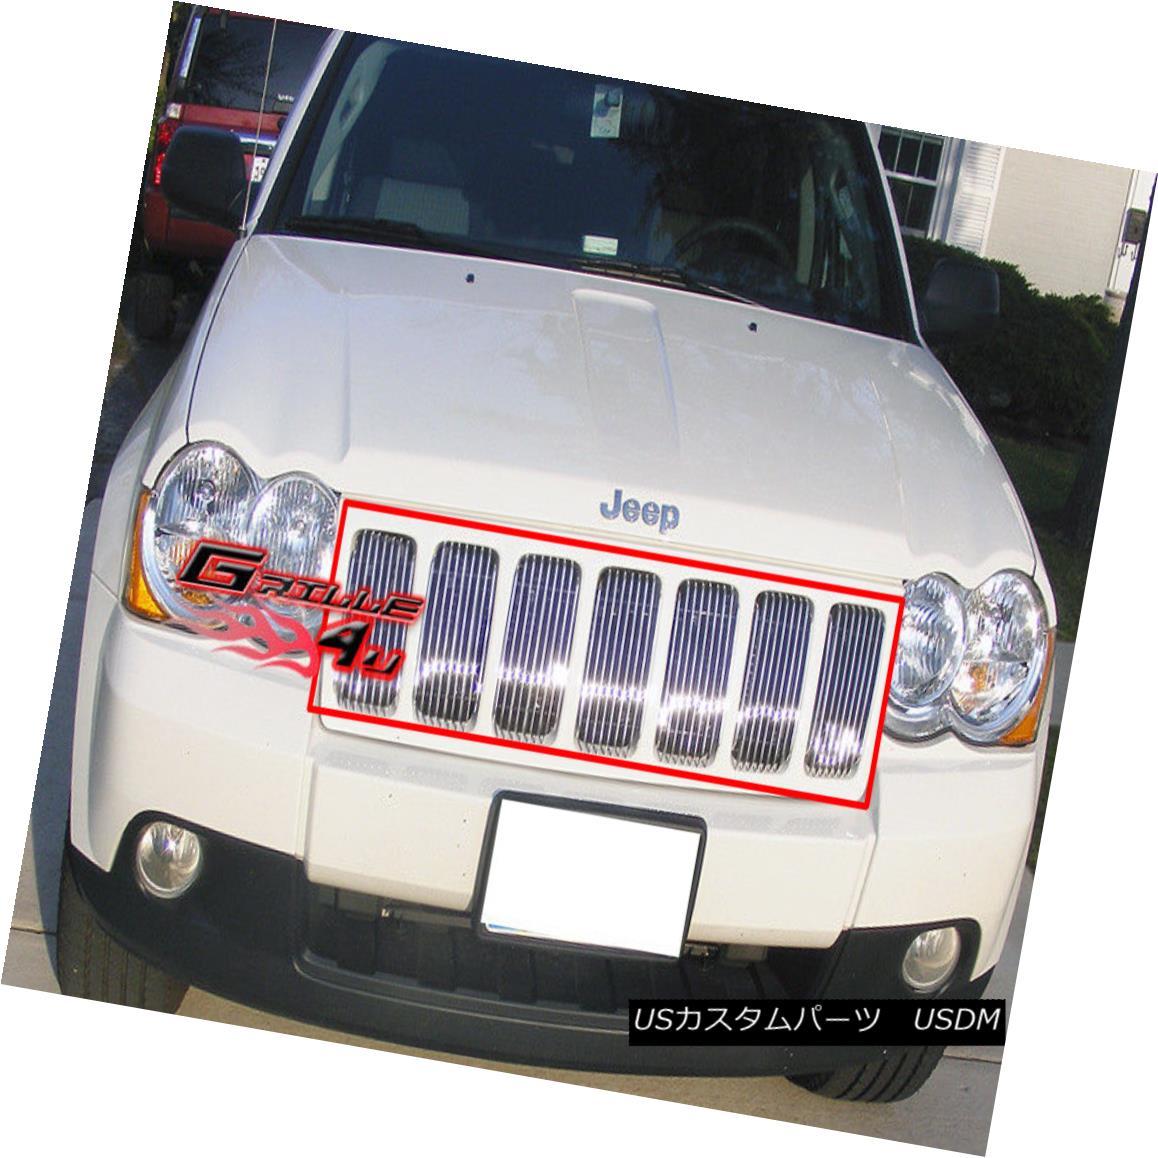 グリル Fits 2009-2010 Jeep Grand Cherokee Vertical Billet Grille 2009?2010年のジープ・グランド・チェロキー・ビレット・グリル